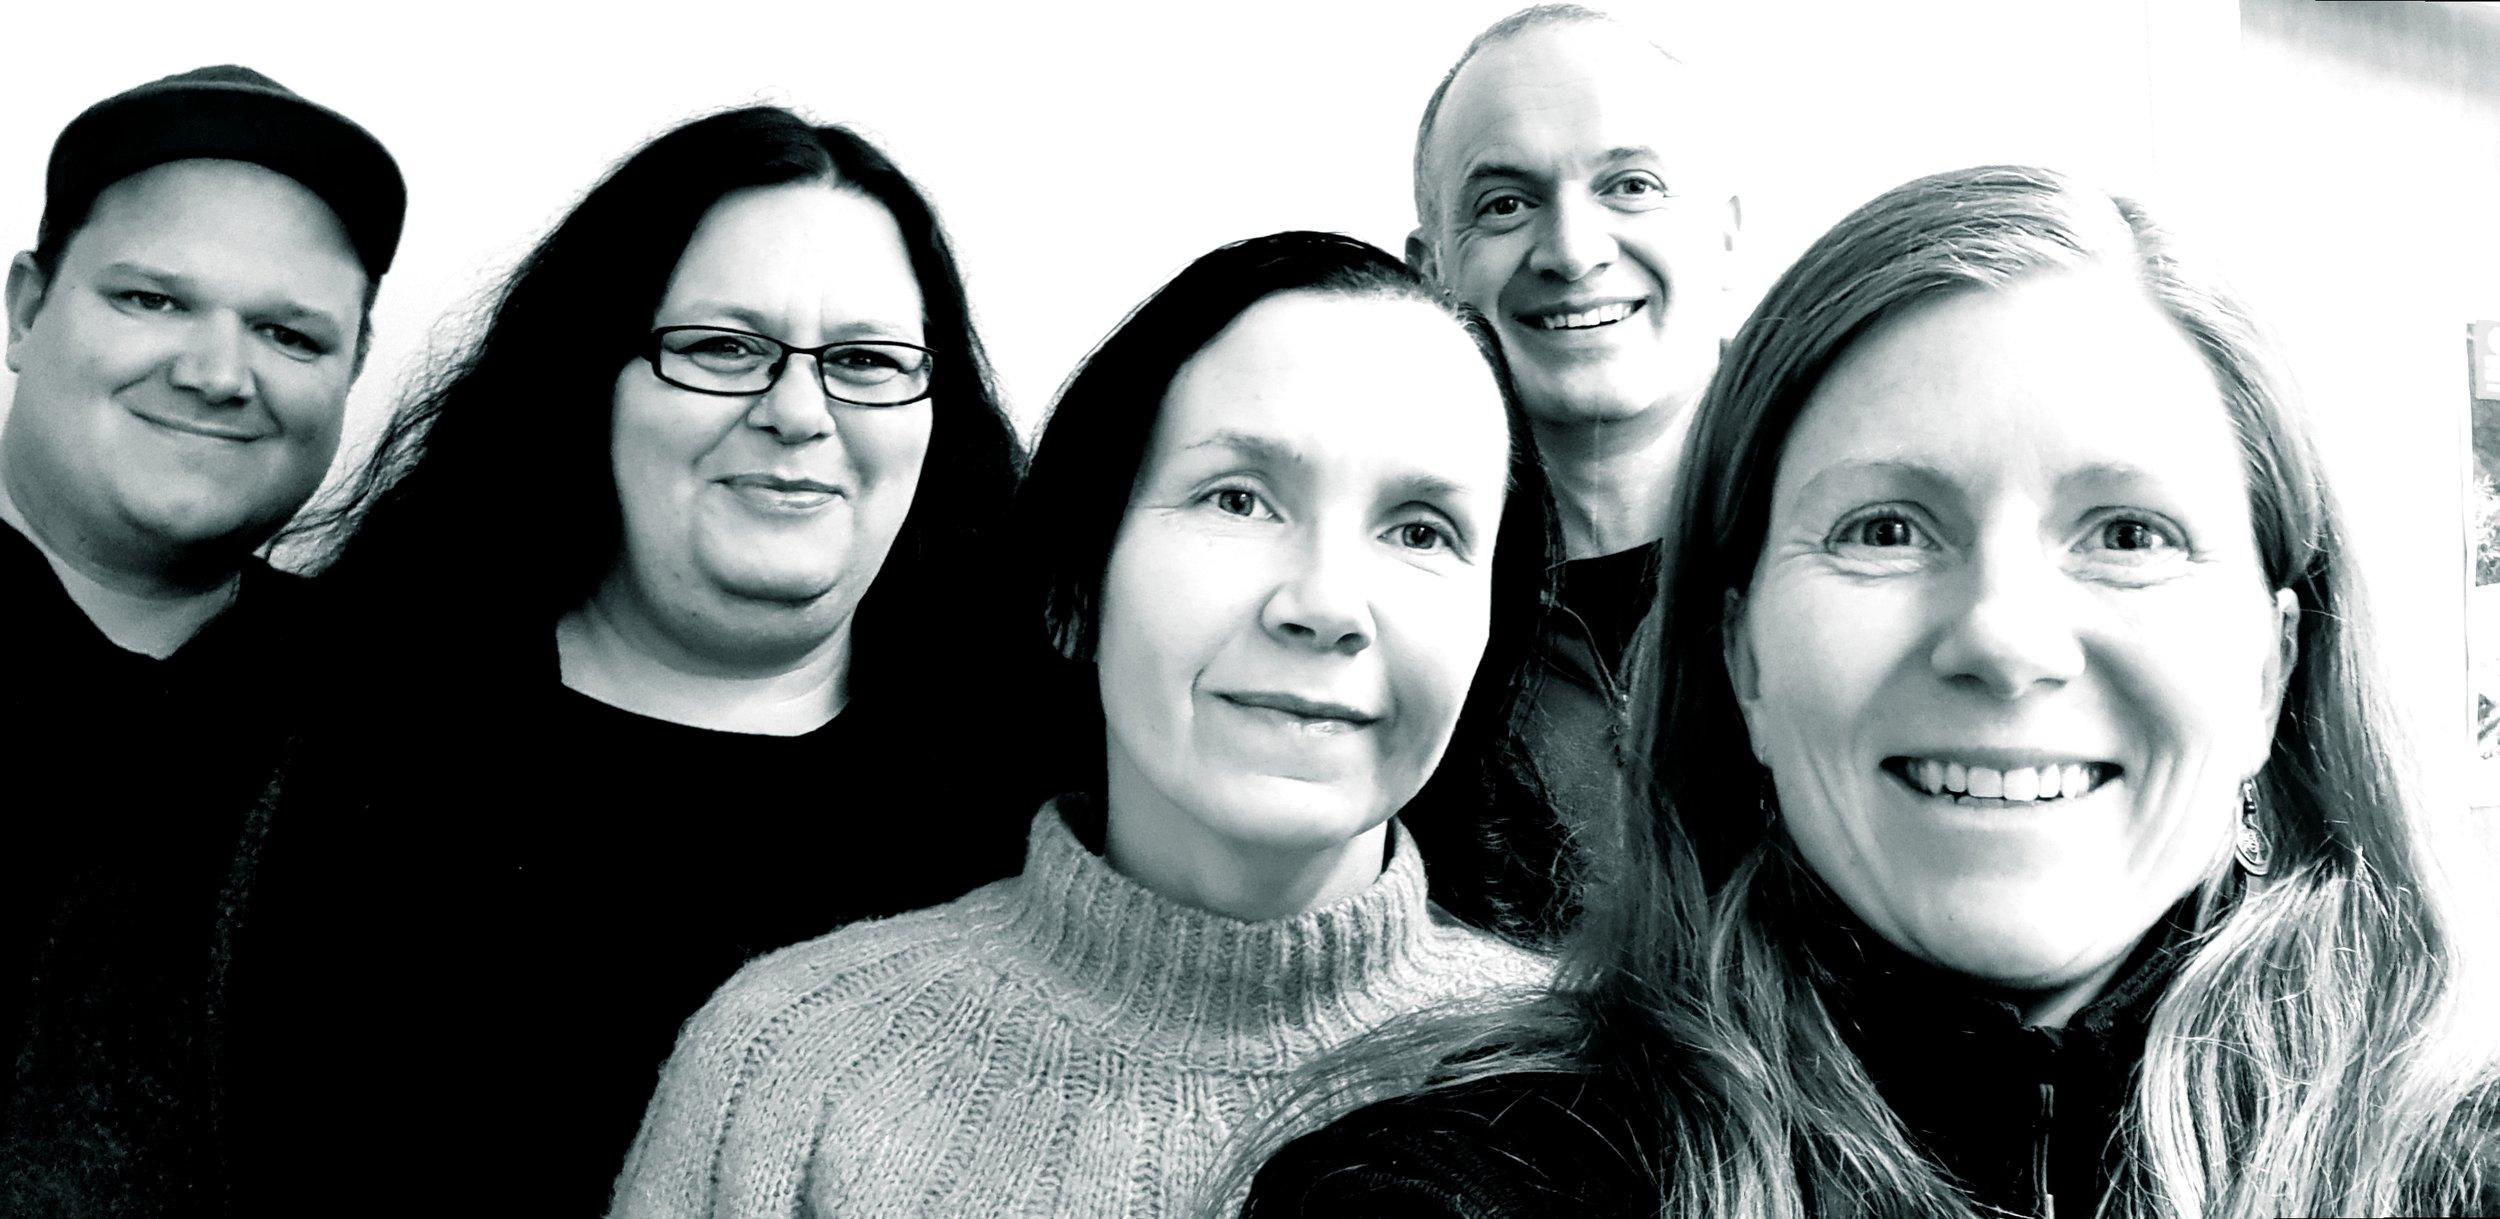 Frå venstre: Bengt Erlend Skjerdal, Gro Nesse-Bremer, Gry Mørk, Erling Oppheim og Snædis L.Bjarnadottir